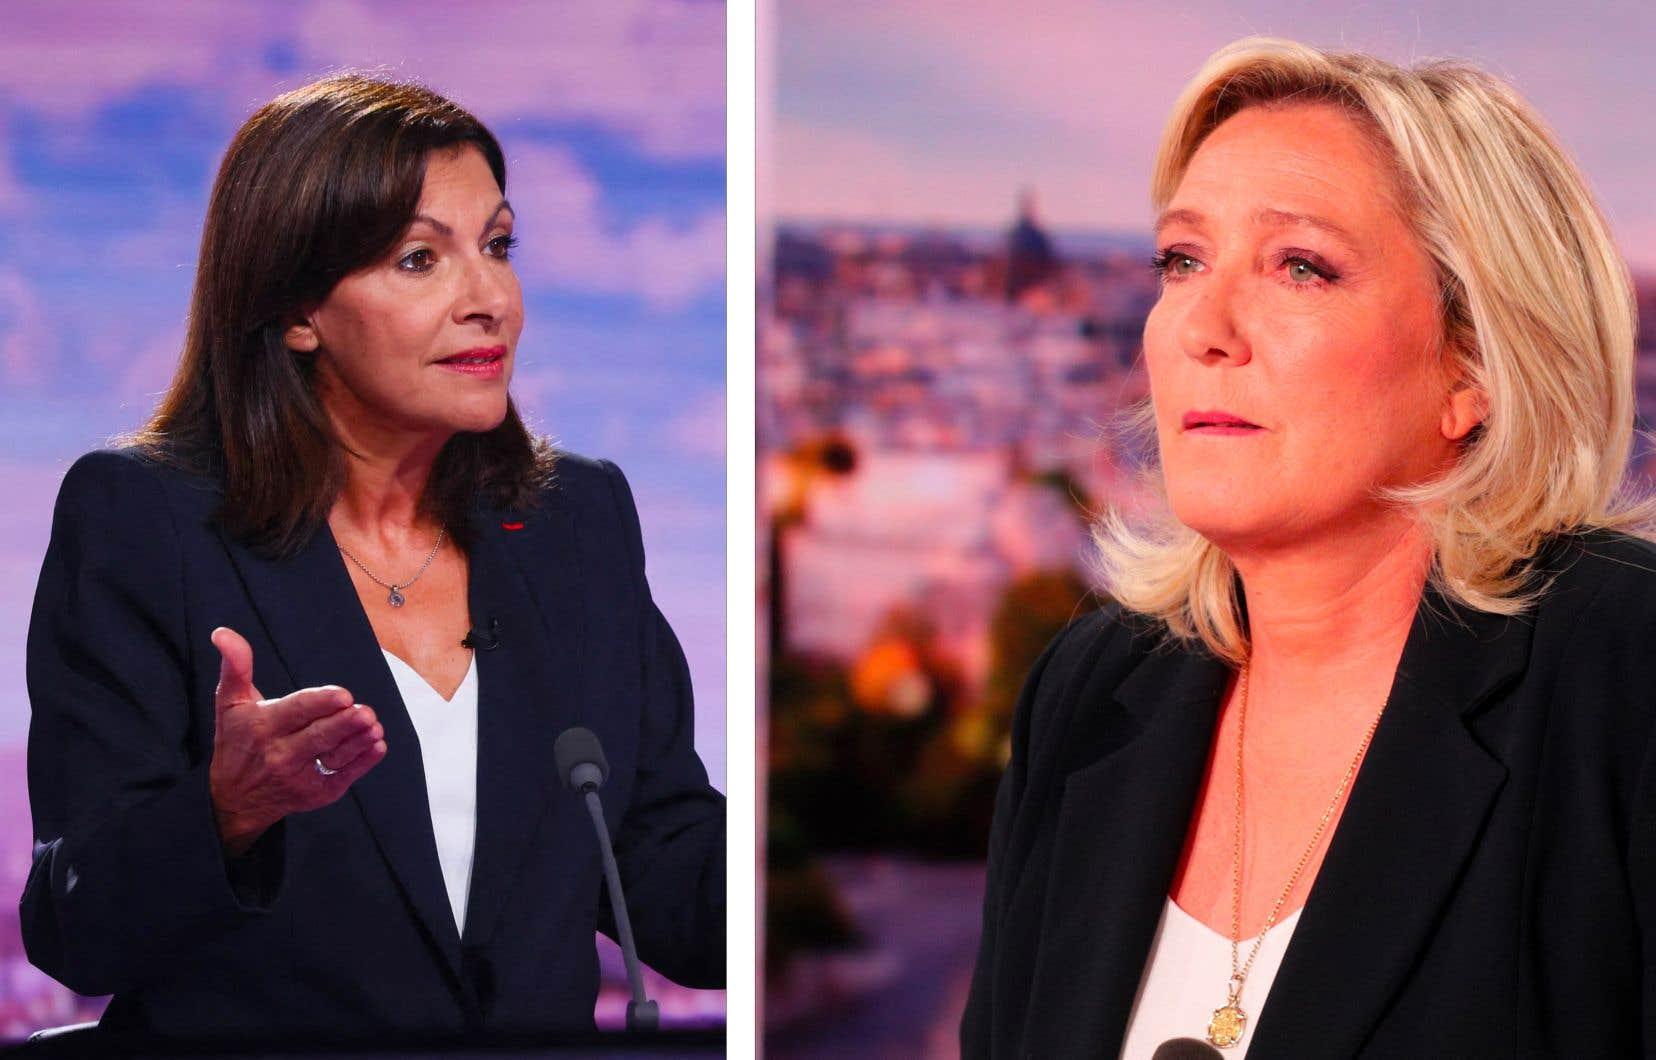 La mairesse de Paris, Anne Hidalgo (à gauche), et la leader d'extrême droite Marine Le Pen